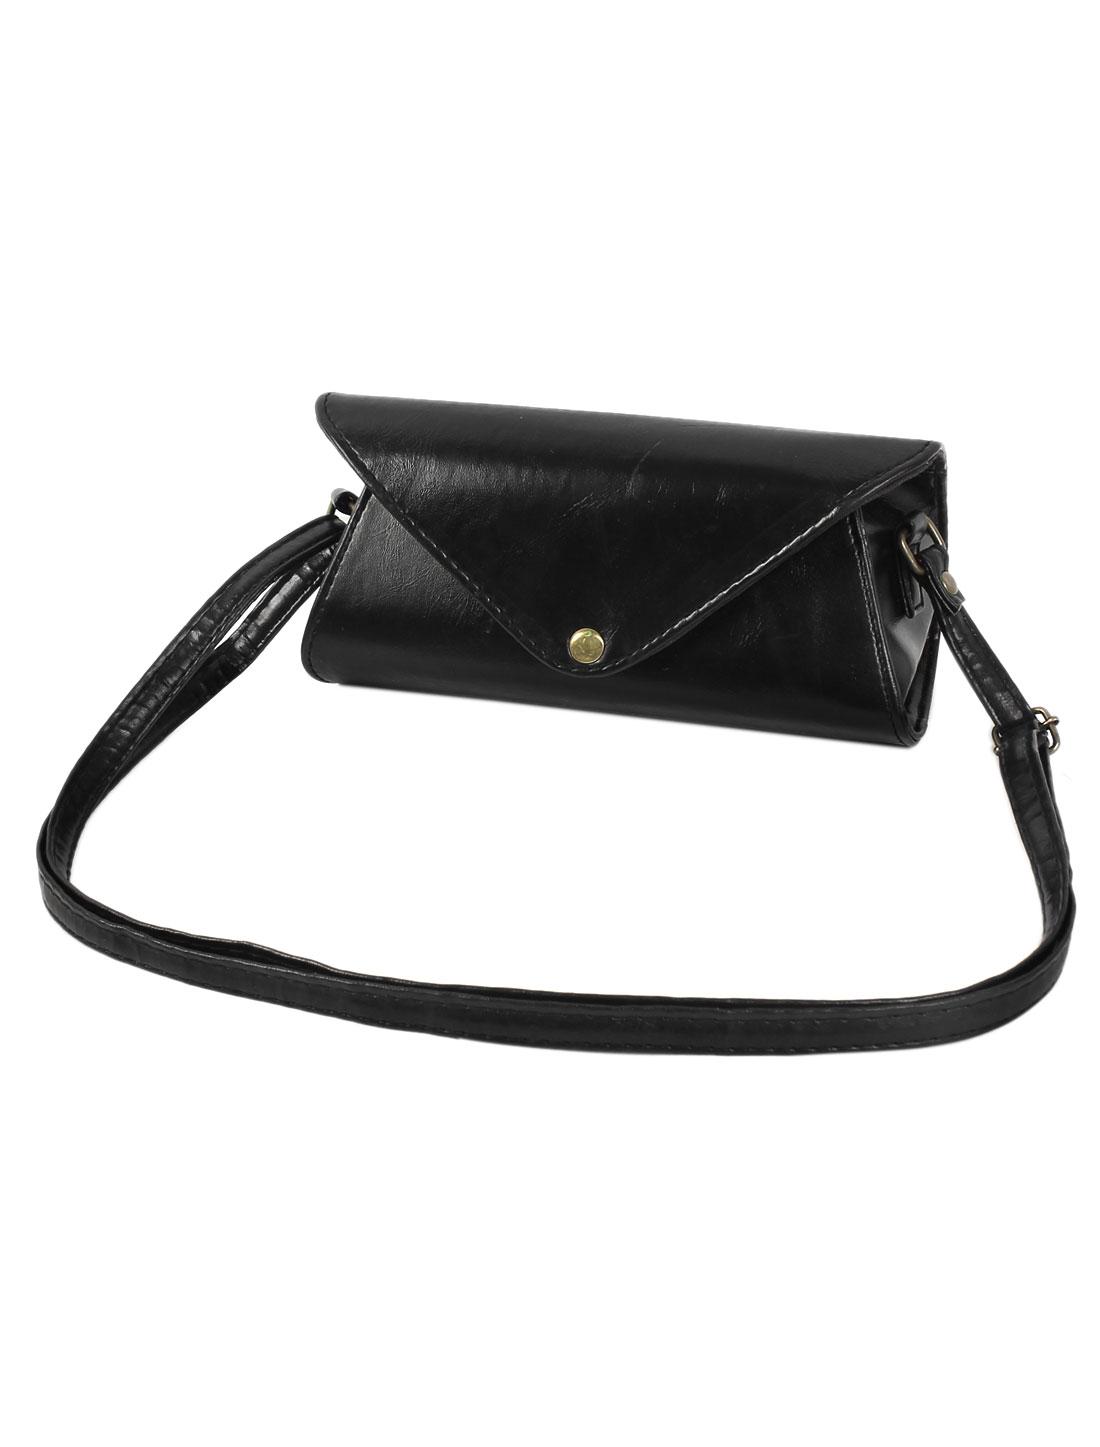 Fashion Elegant Unique Cover Mini Party PU Leather Shoulder Bag Coin Purse Black